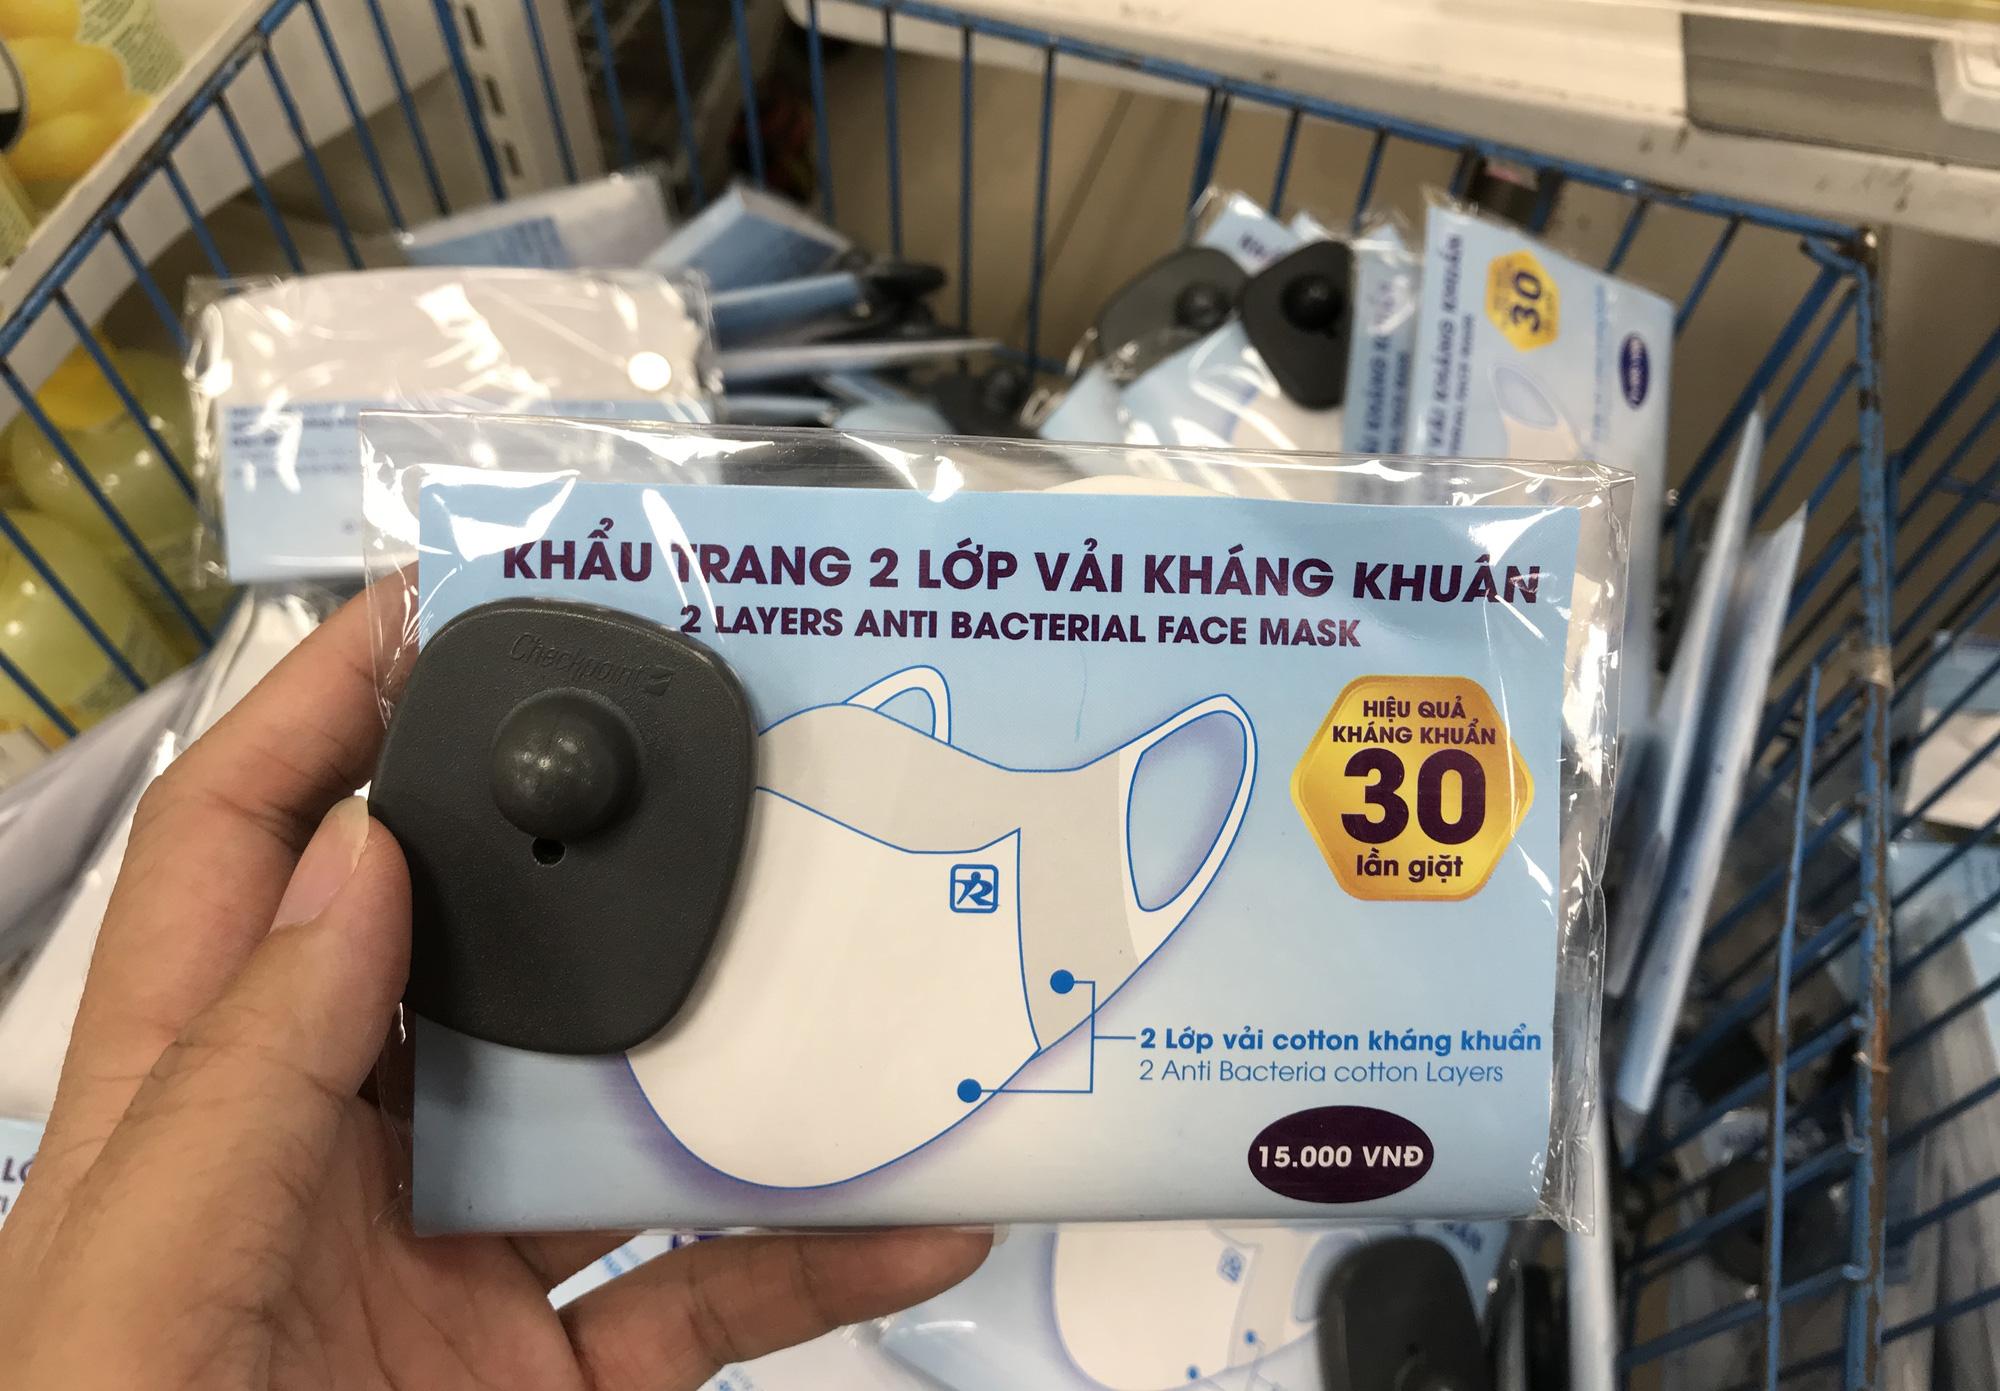 TP HCM sẽ phạt siêu thị Co.op Mart, VinMart, Big C, Lotte Mart, Satra nếu không bán khẩu trang vải kháng khuẩn - Ảnh 1.